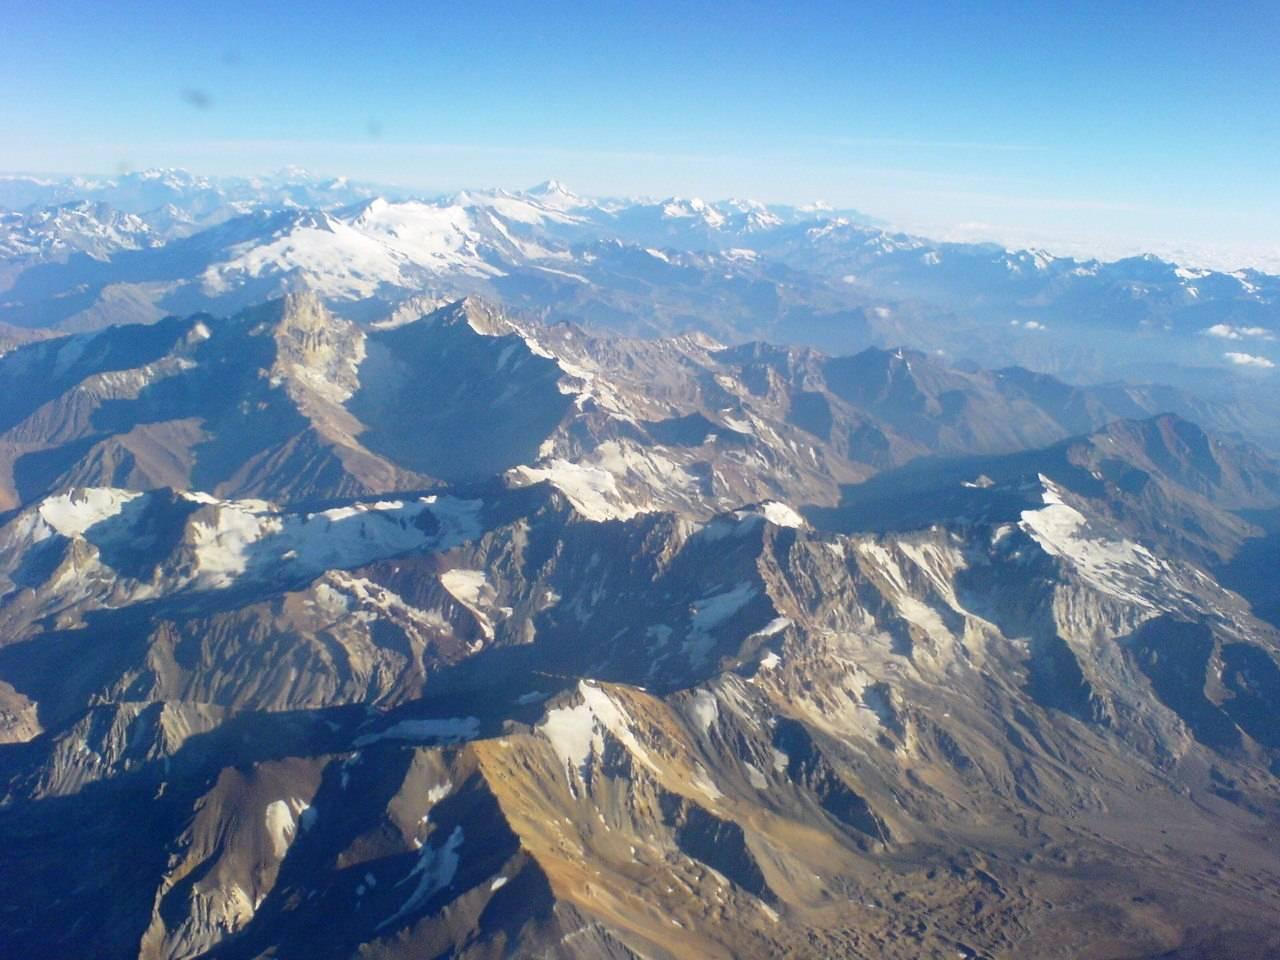 Nieve en la Cordillera de los Andes registraría contaminación según estudio